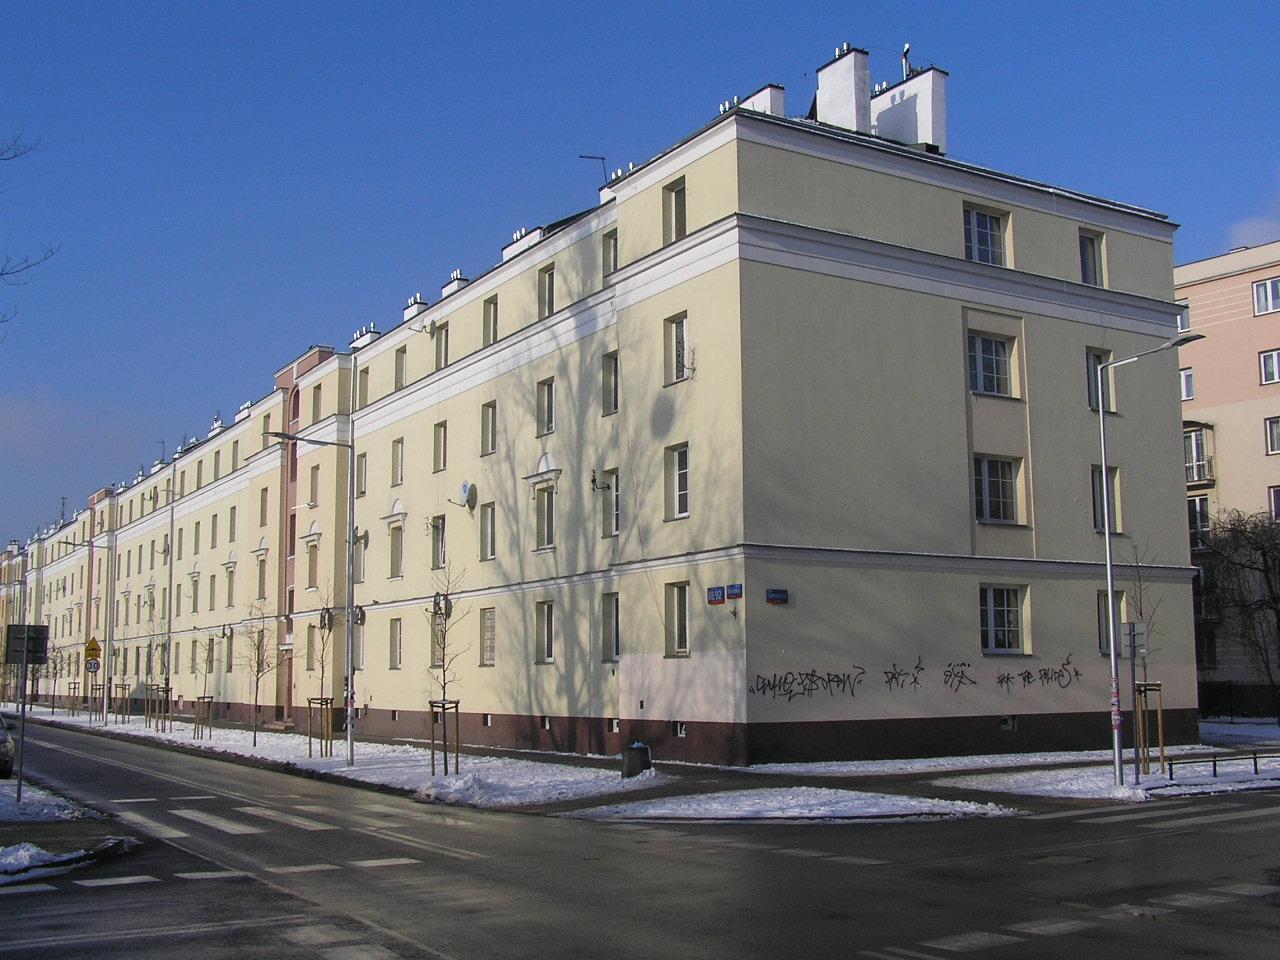 Budynek przy Kobielskiej 88/92 na Grochowie